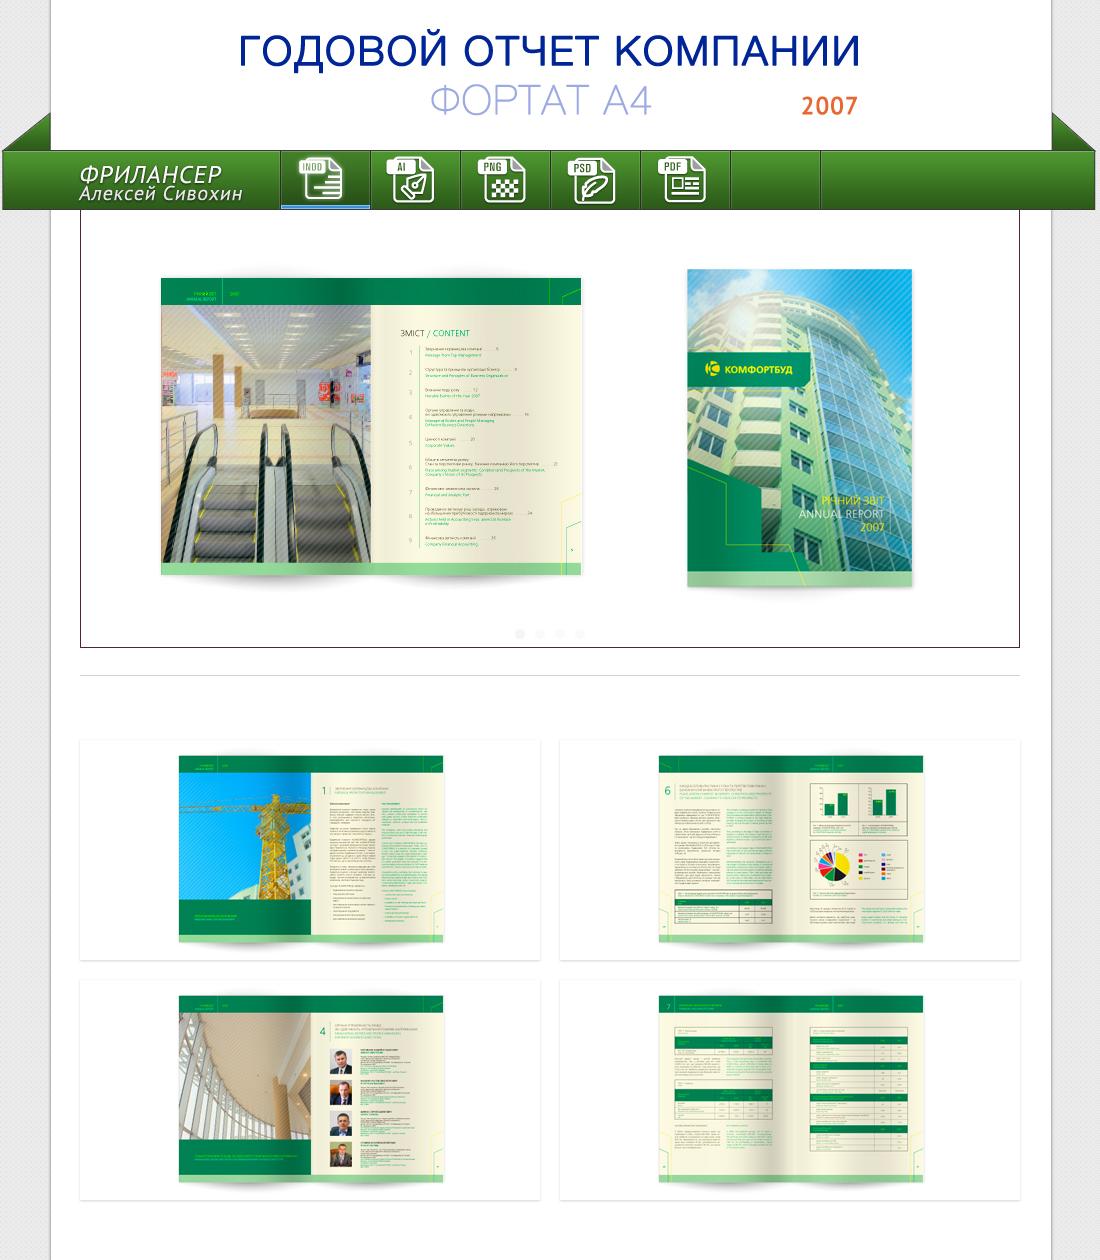 Фото Дизайн выполнен в CorelDraw. Верстка в программе InDesign CS3 | Обработка фотоснимков Photoshop CS3  Срок 1 месяц